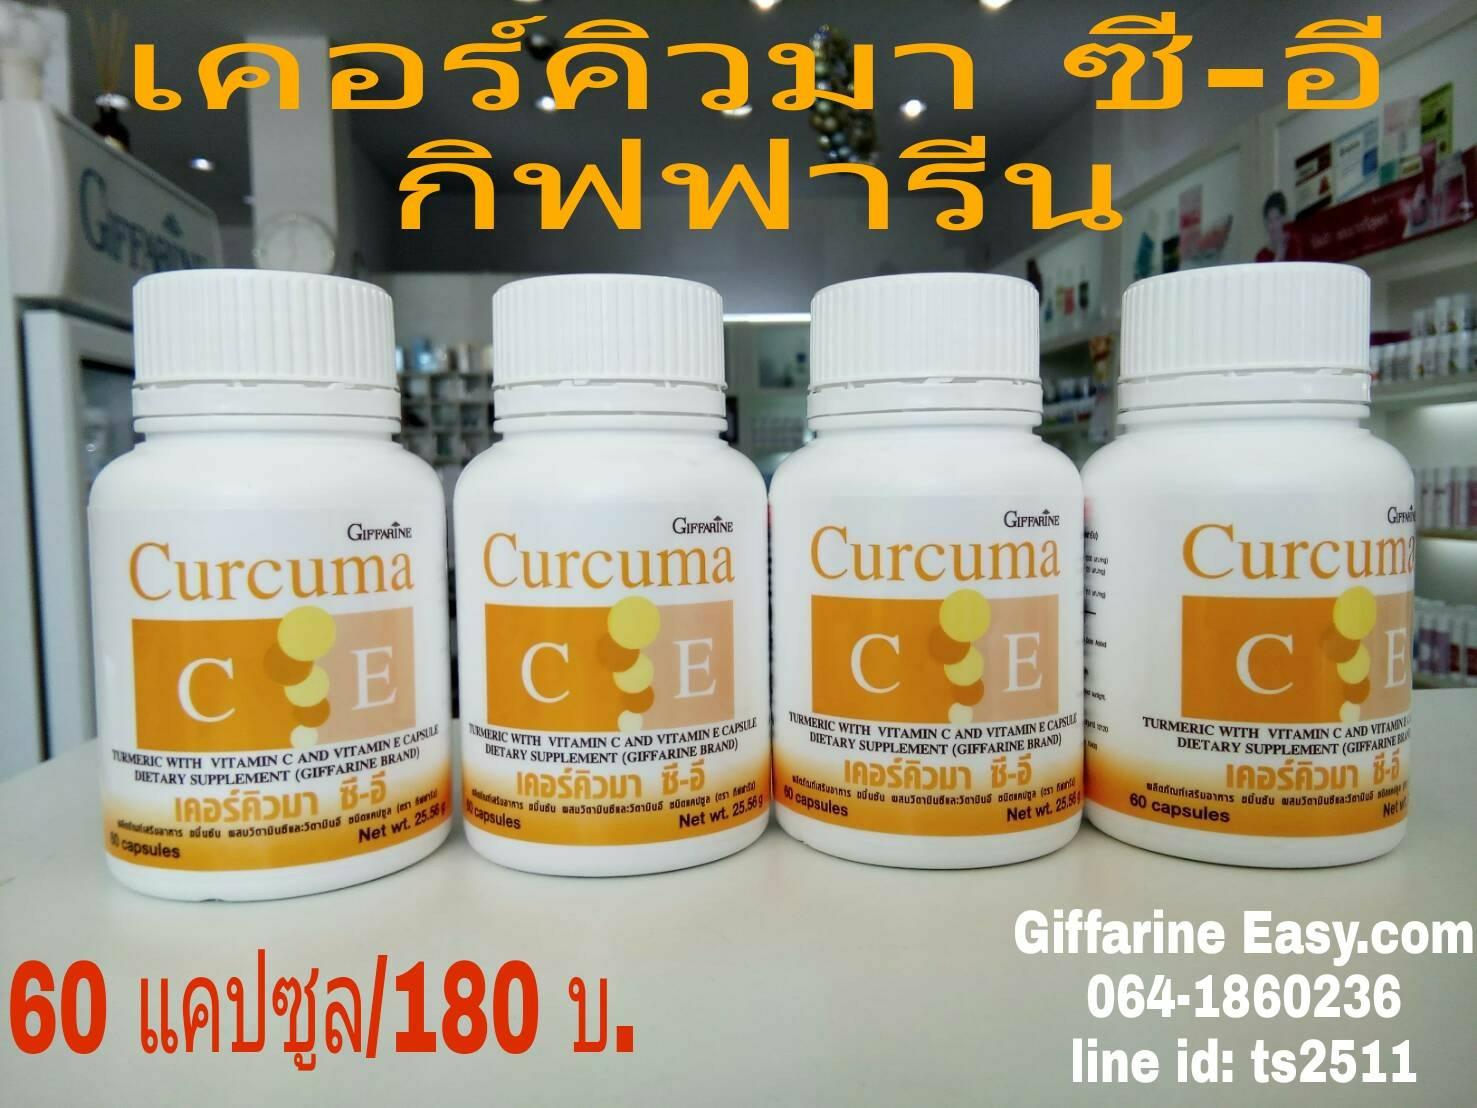 ขมิ้นชัน Curcuma C-E กิฟฟารีน ลดท้องอืด ท้องเฟ้อ,เคอร์คิวมา ซี-อี,Curcuma C-E กิฟฟารีน,ขมิ้นชัน กิฟฟารีน ราคา,ขมิ้นชันกิฟฟารีน,ผลิตภัณฑ์กิฟฟารีน ขมิ้นชัน,ขมิ้นชันประโยชน์